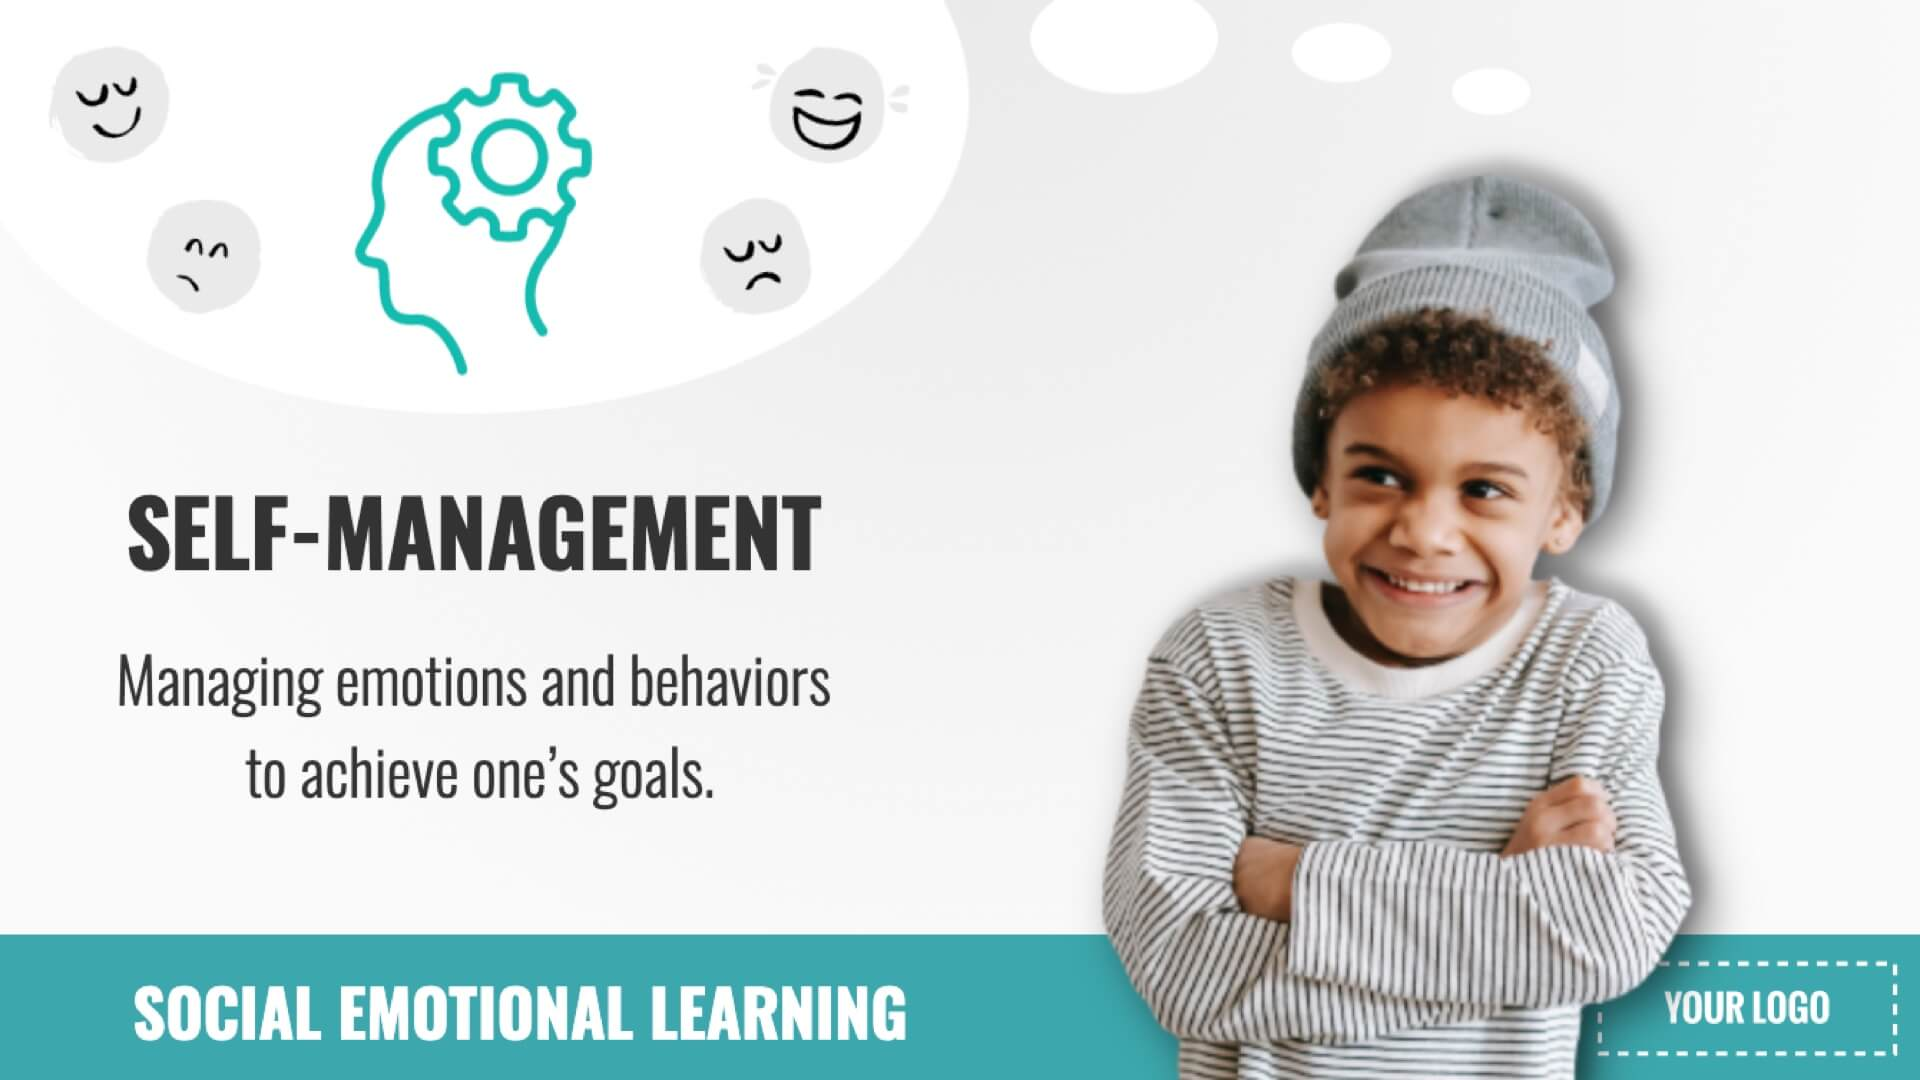 SEL - Self Management Digital Signage Template